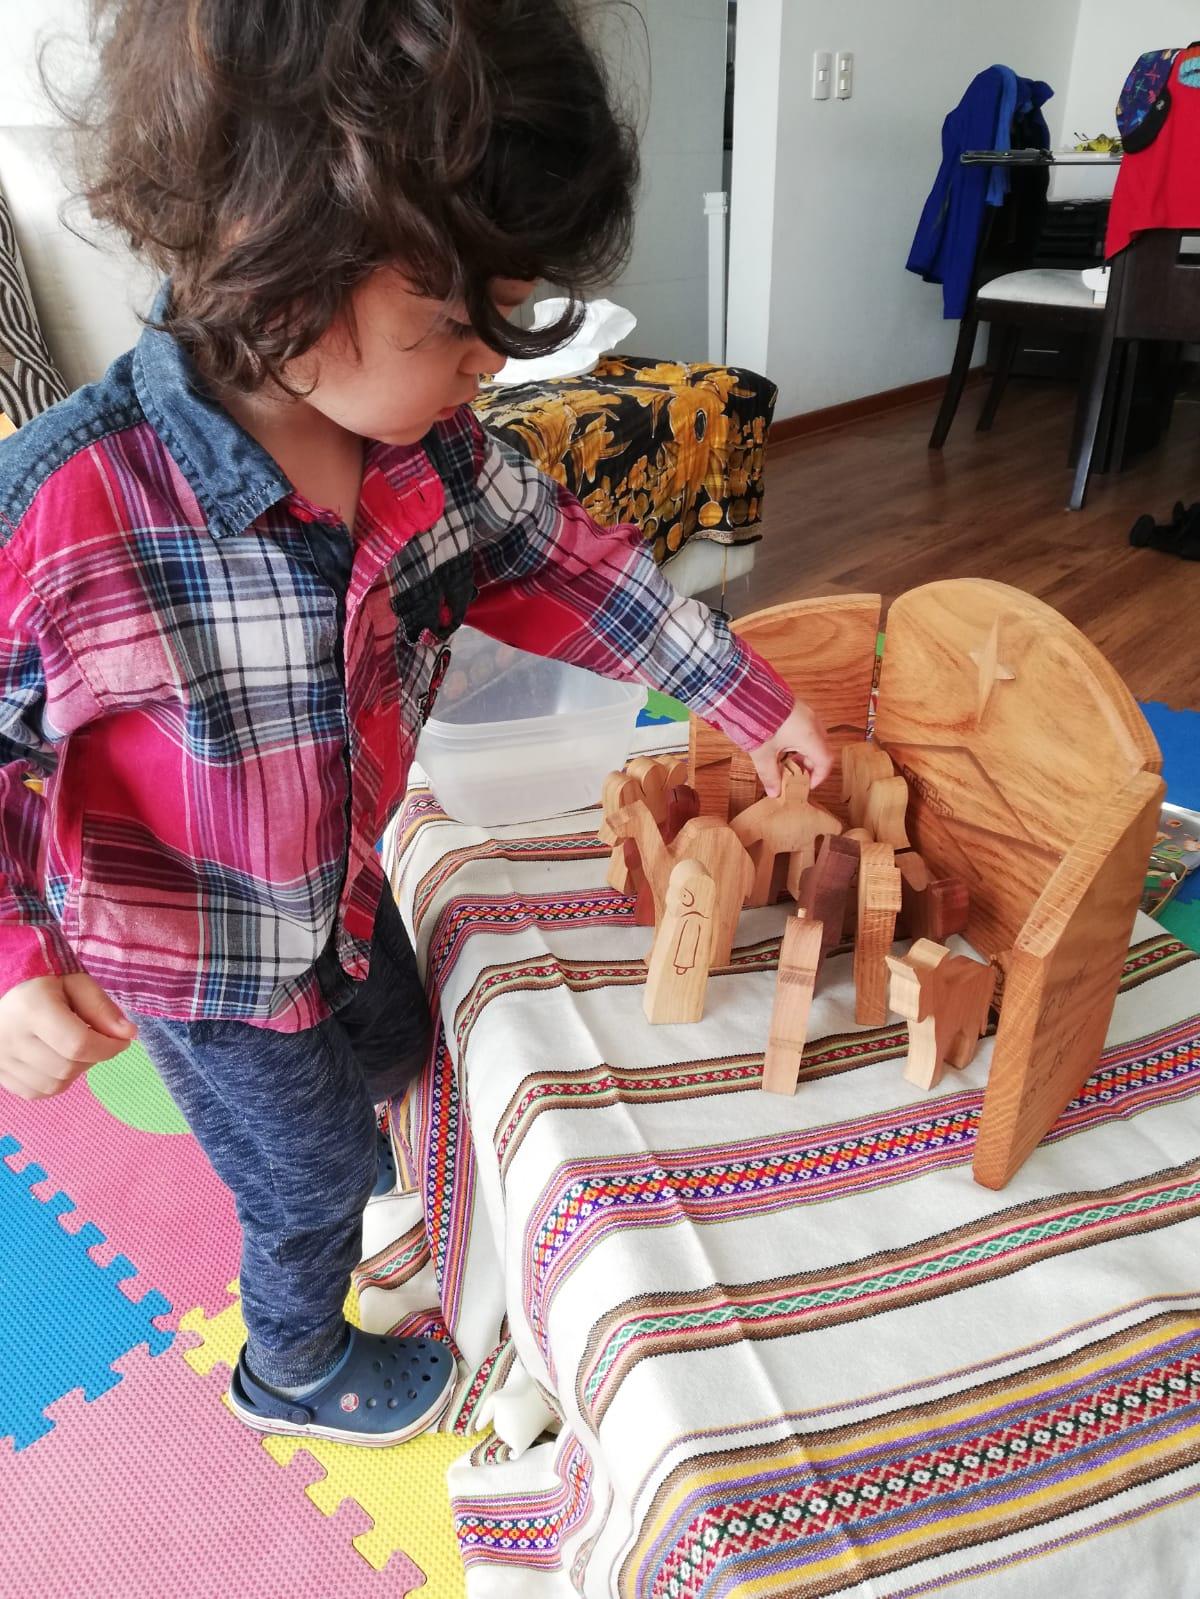 Leandro sets up the nativity scene